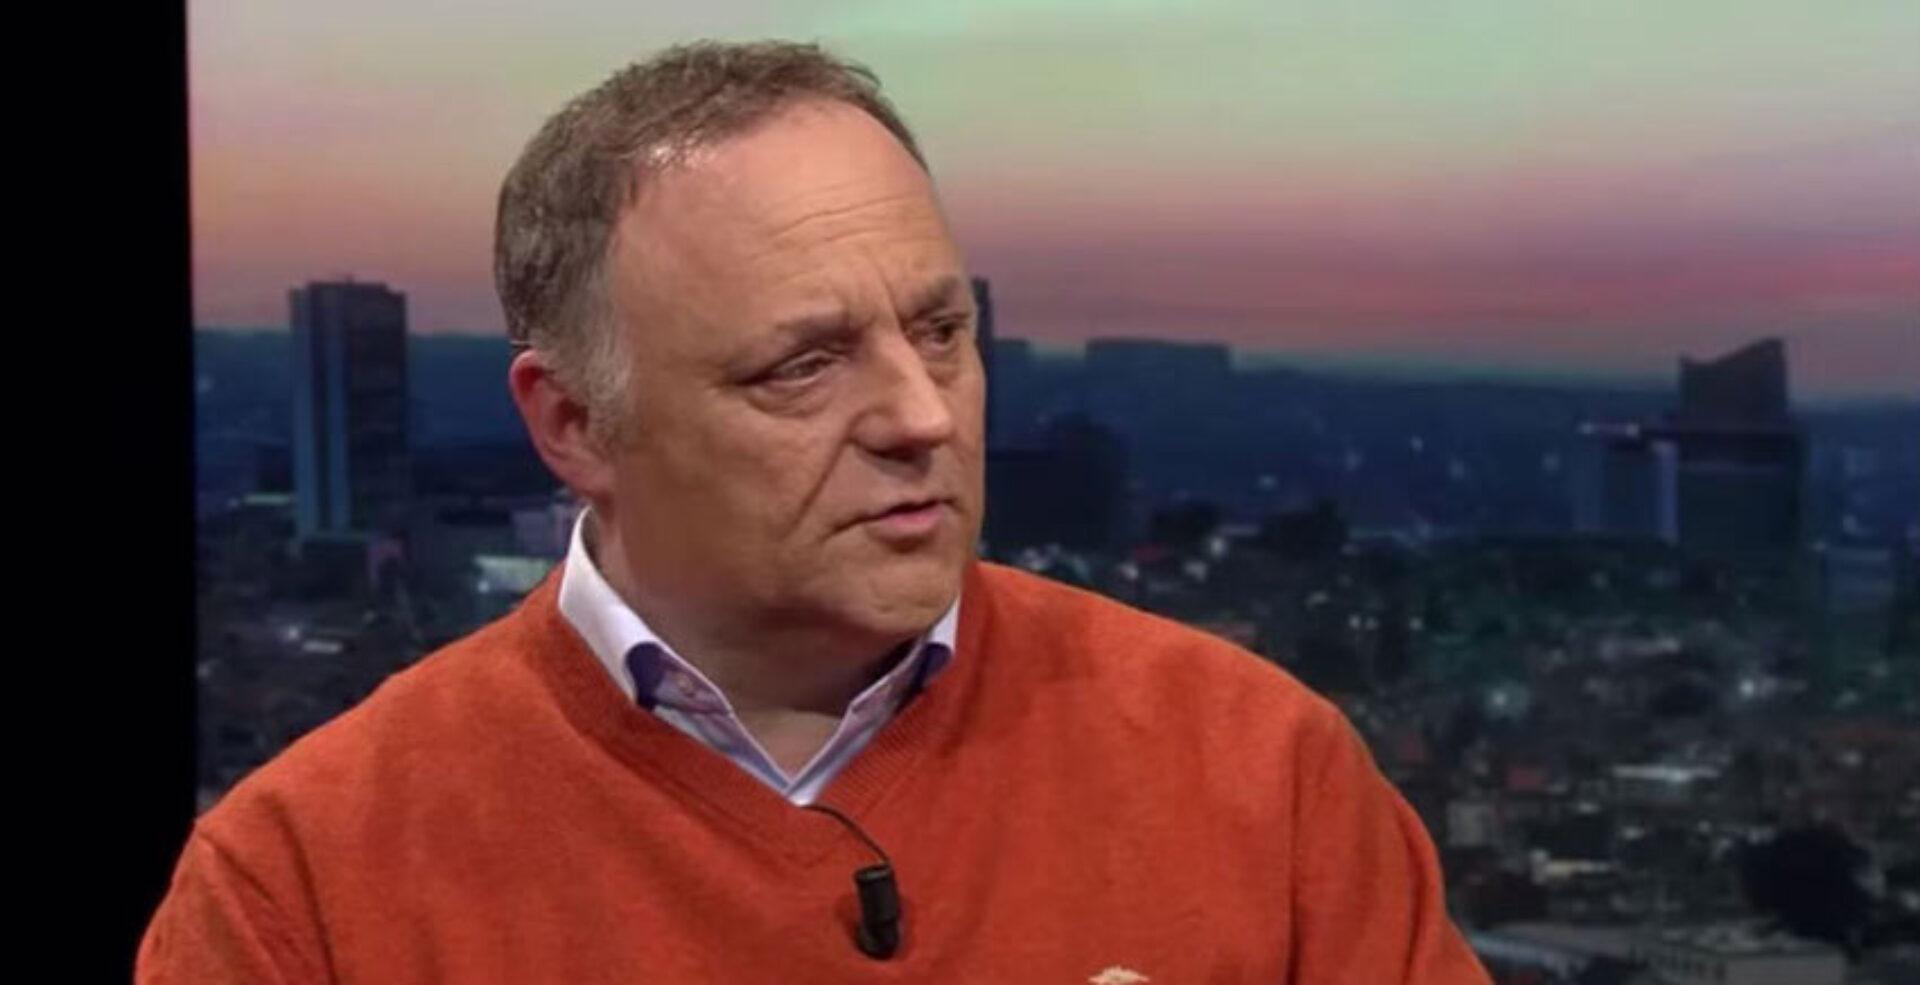 Horoscoopanalyse Marc van Ranst: de nieuwe superheld van België?